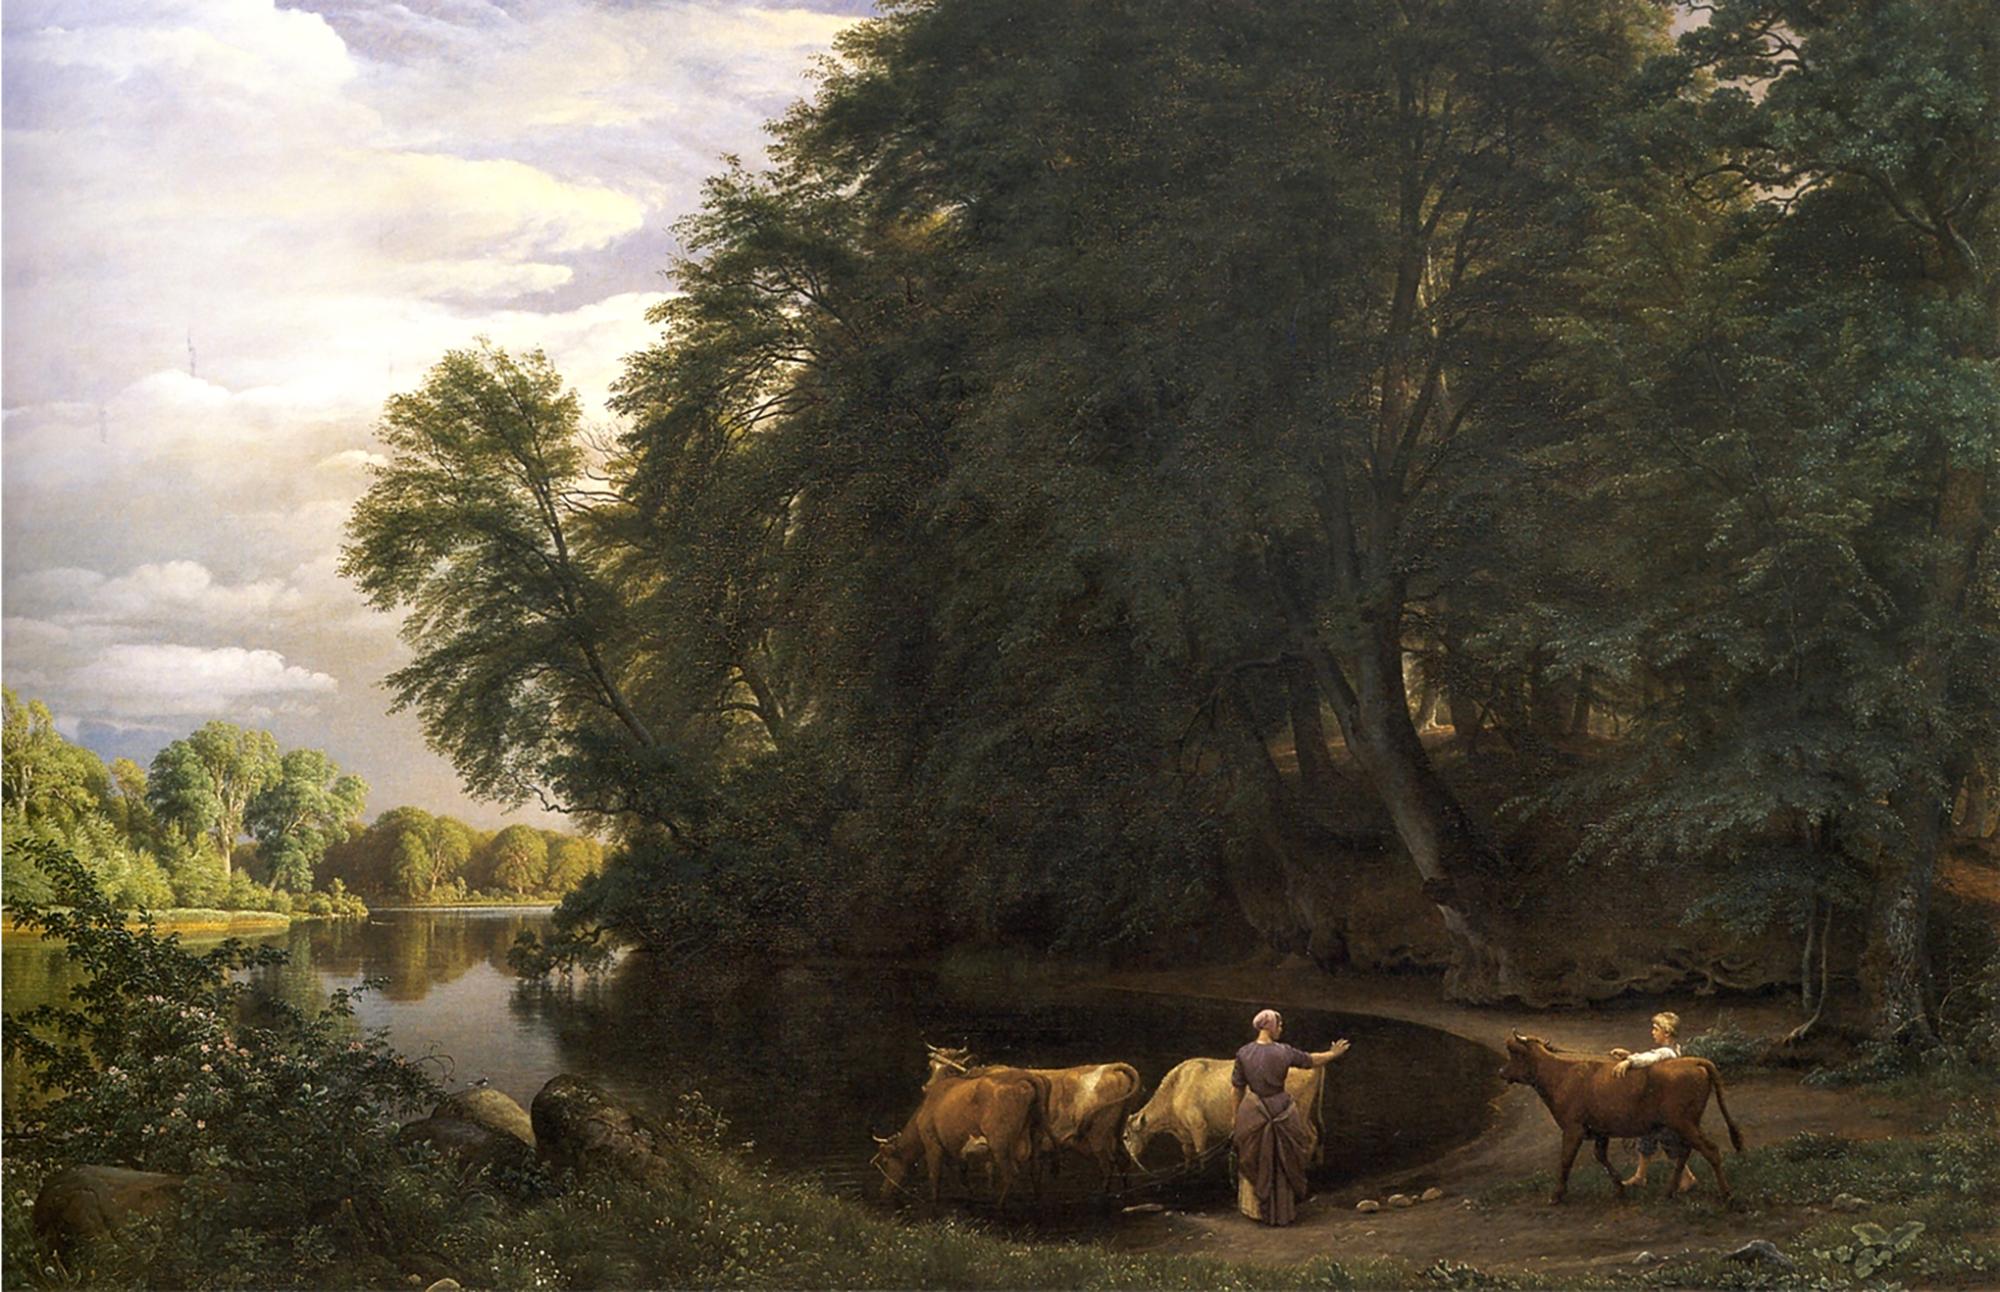 Maleri af P.C. Skovgaard, Sommereftermiddag ved indsø, 1859. Nivaagaards Malerisamling